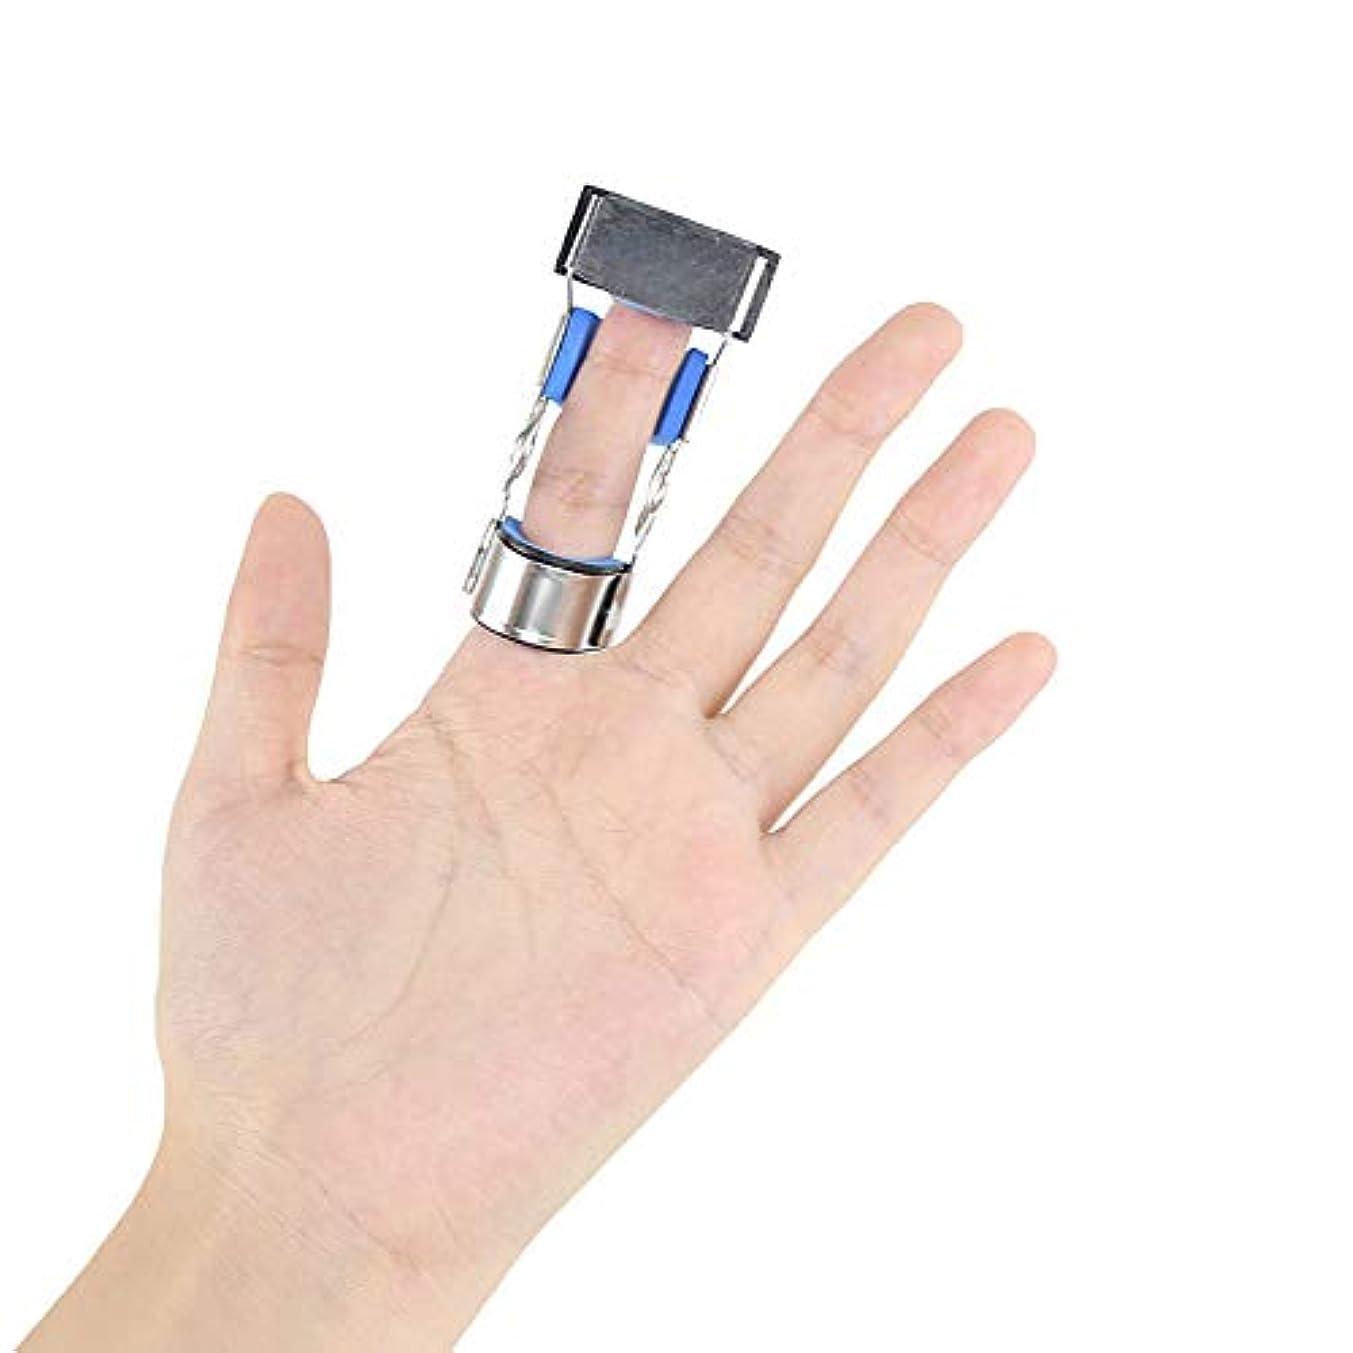 アクティブ豊富折る指関節装具けいれん装具骨折固定スプリント痛風関節矯正運動指ラップ矯正湾曲,L